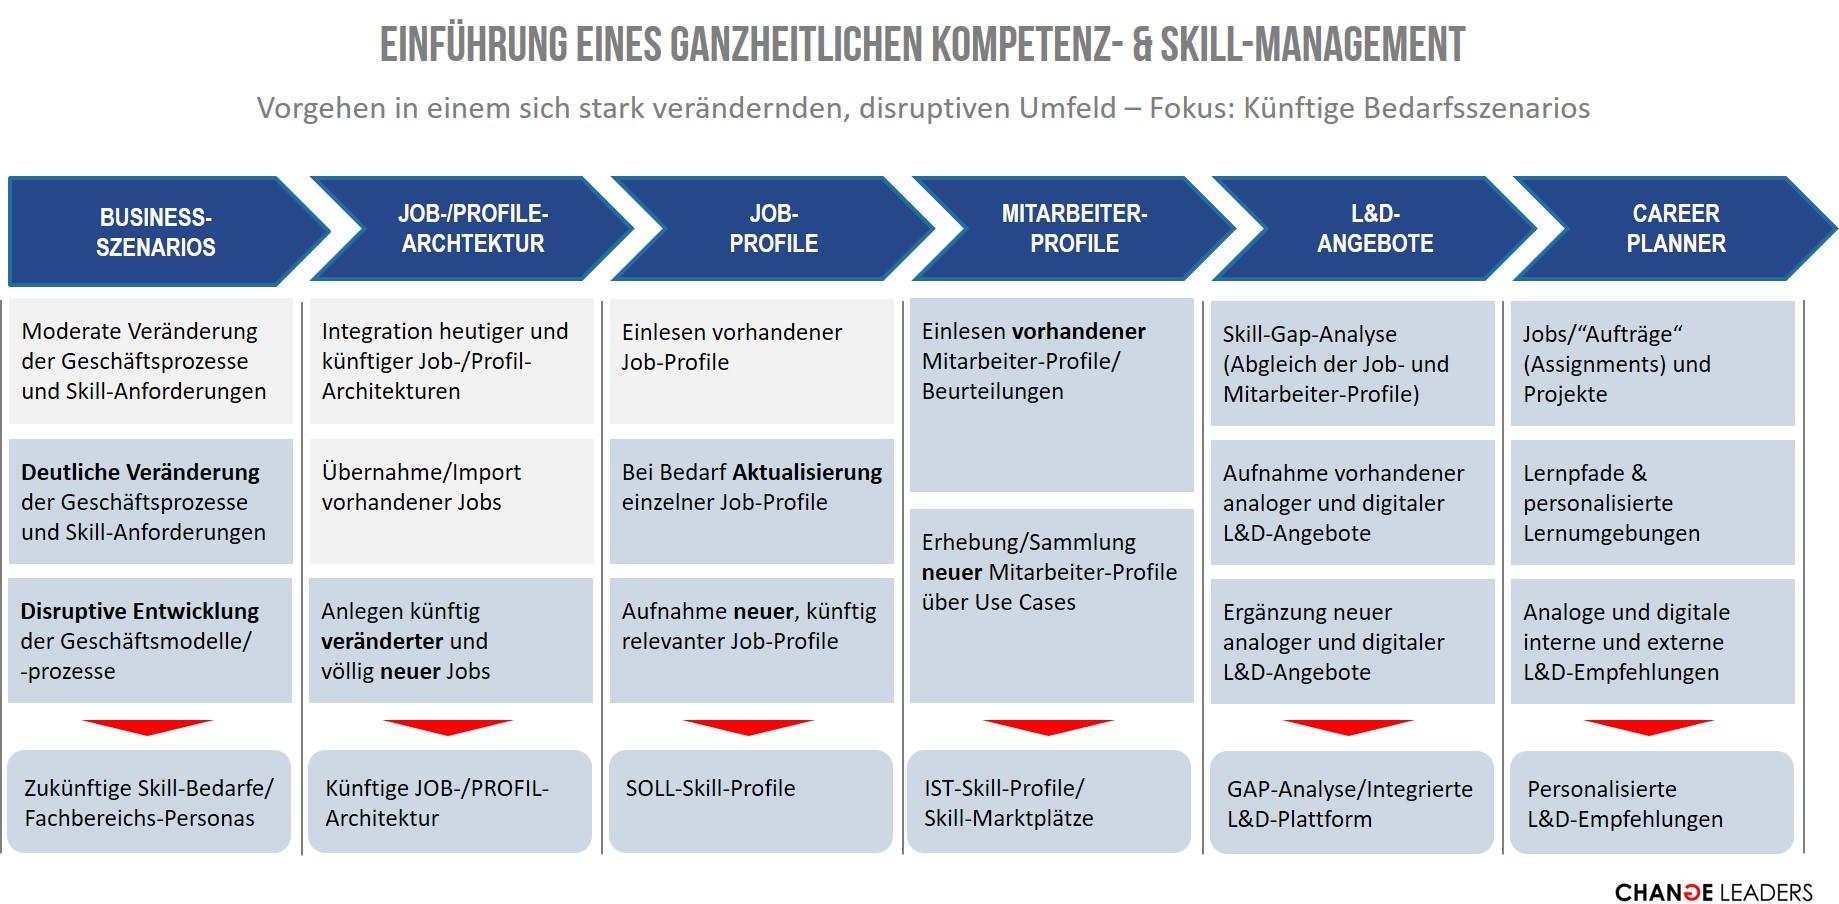 Einführung eines ganzheitlichen Kompetenz- und Skill-Management in disruptivem Umfeld bei deutlichen Veränderungen des künftigen Skillbedarfs.